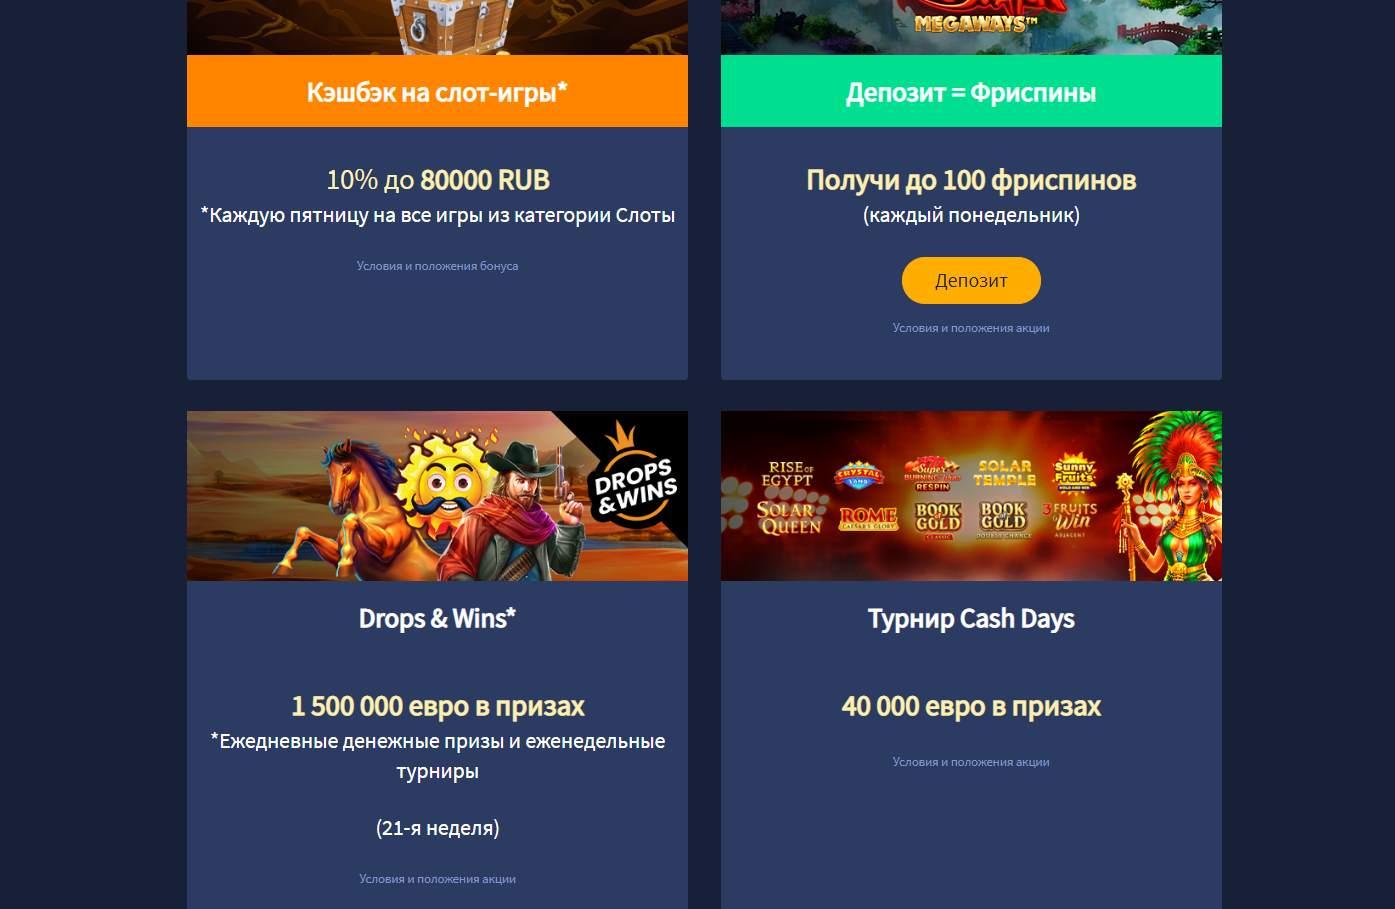 Hemoney — бесплатная беспроигрышная лотерея каждый час